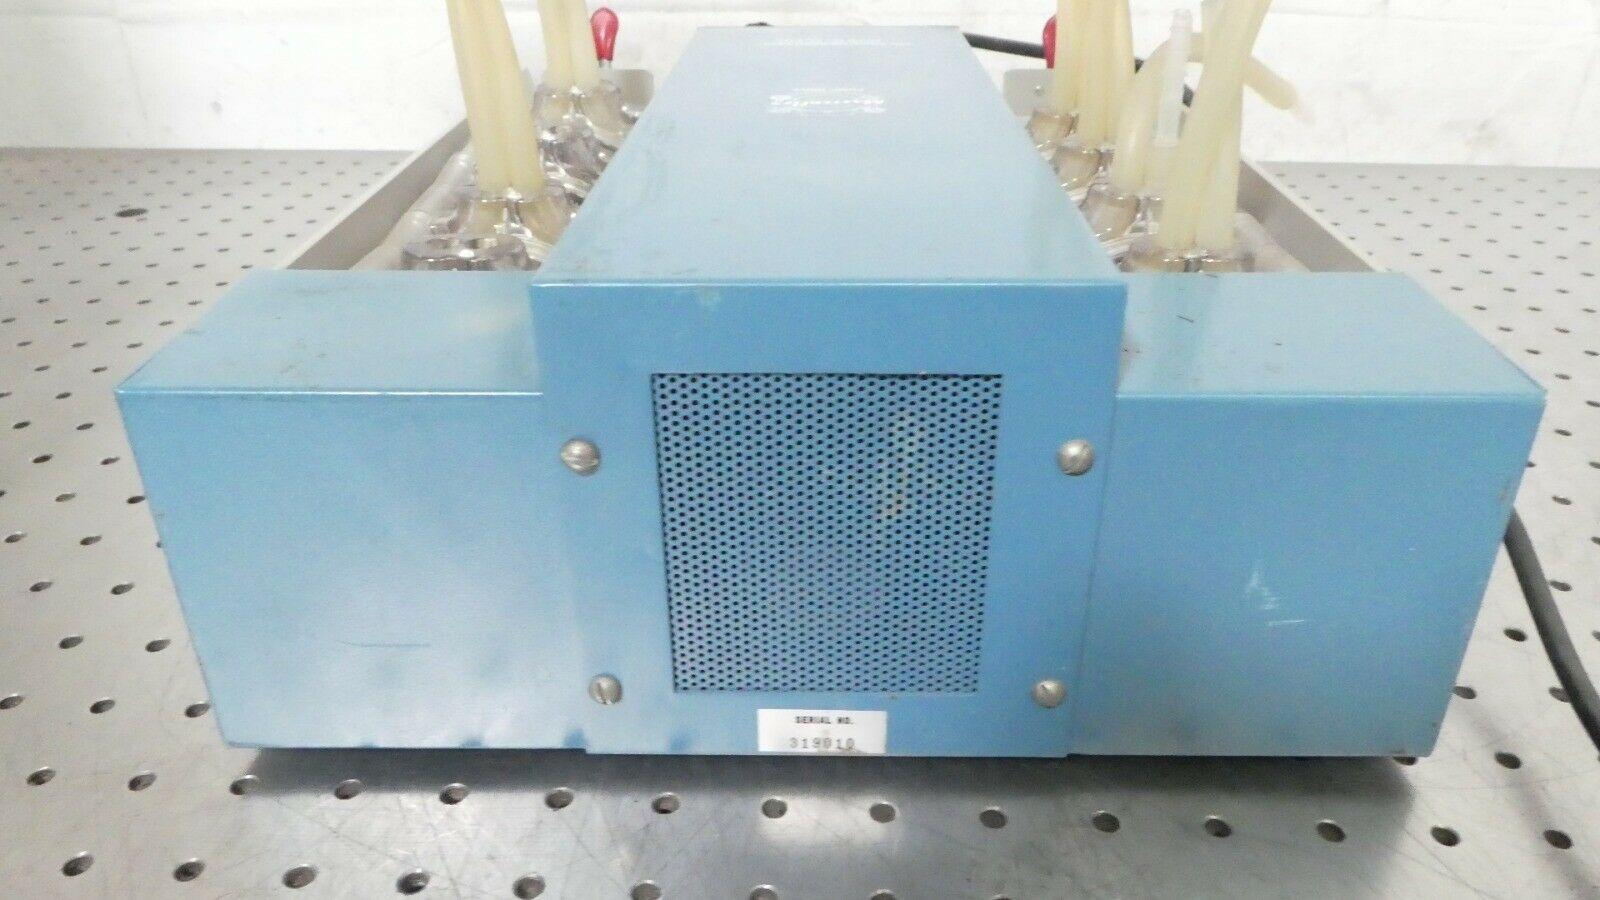 R169157 Cole Parmer Masterflex Pump Drive 7568-00